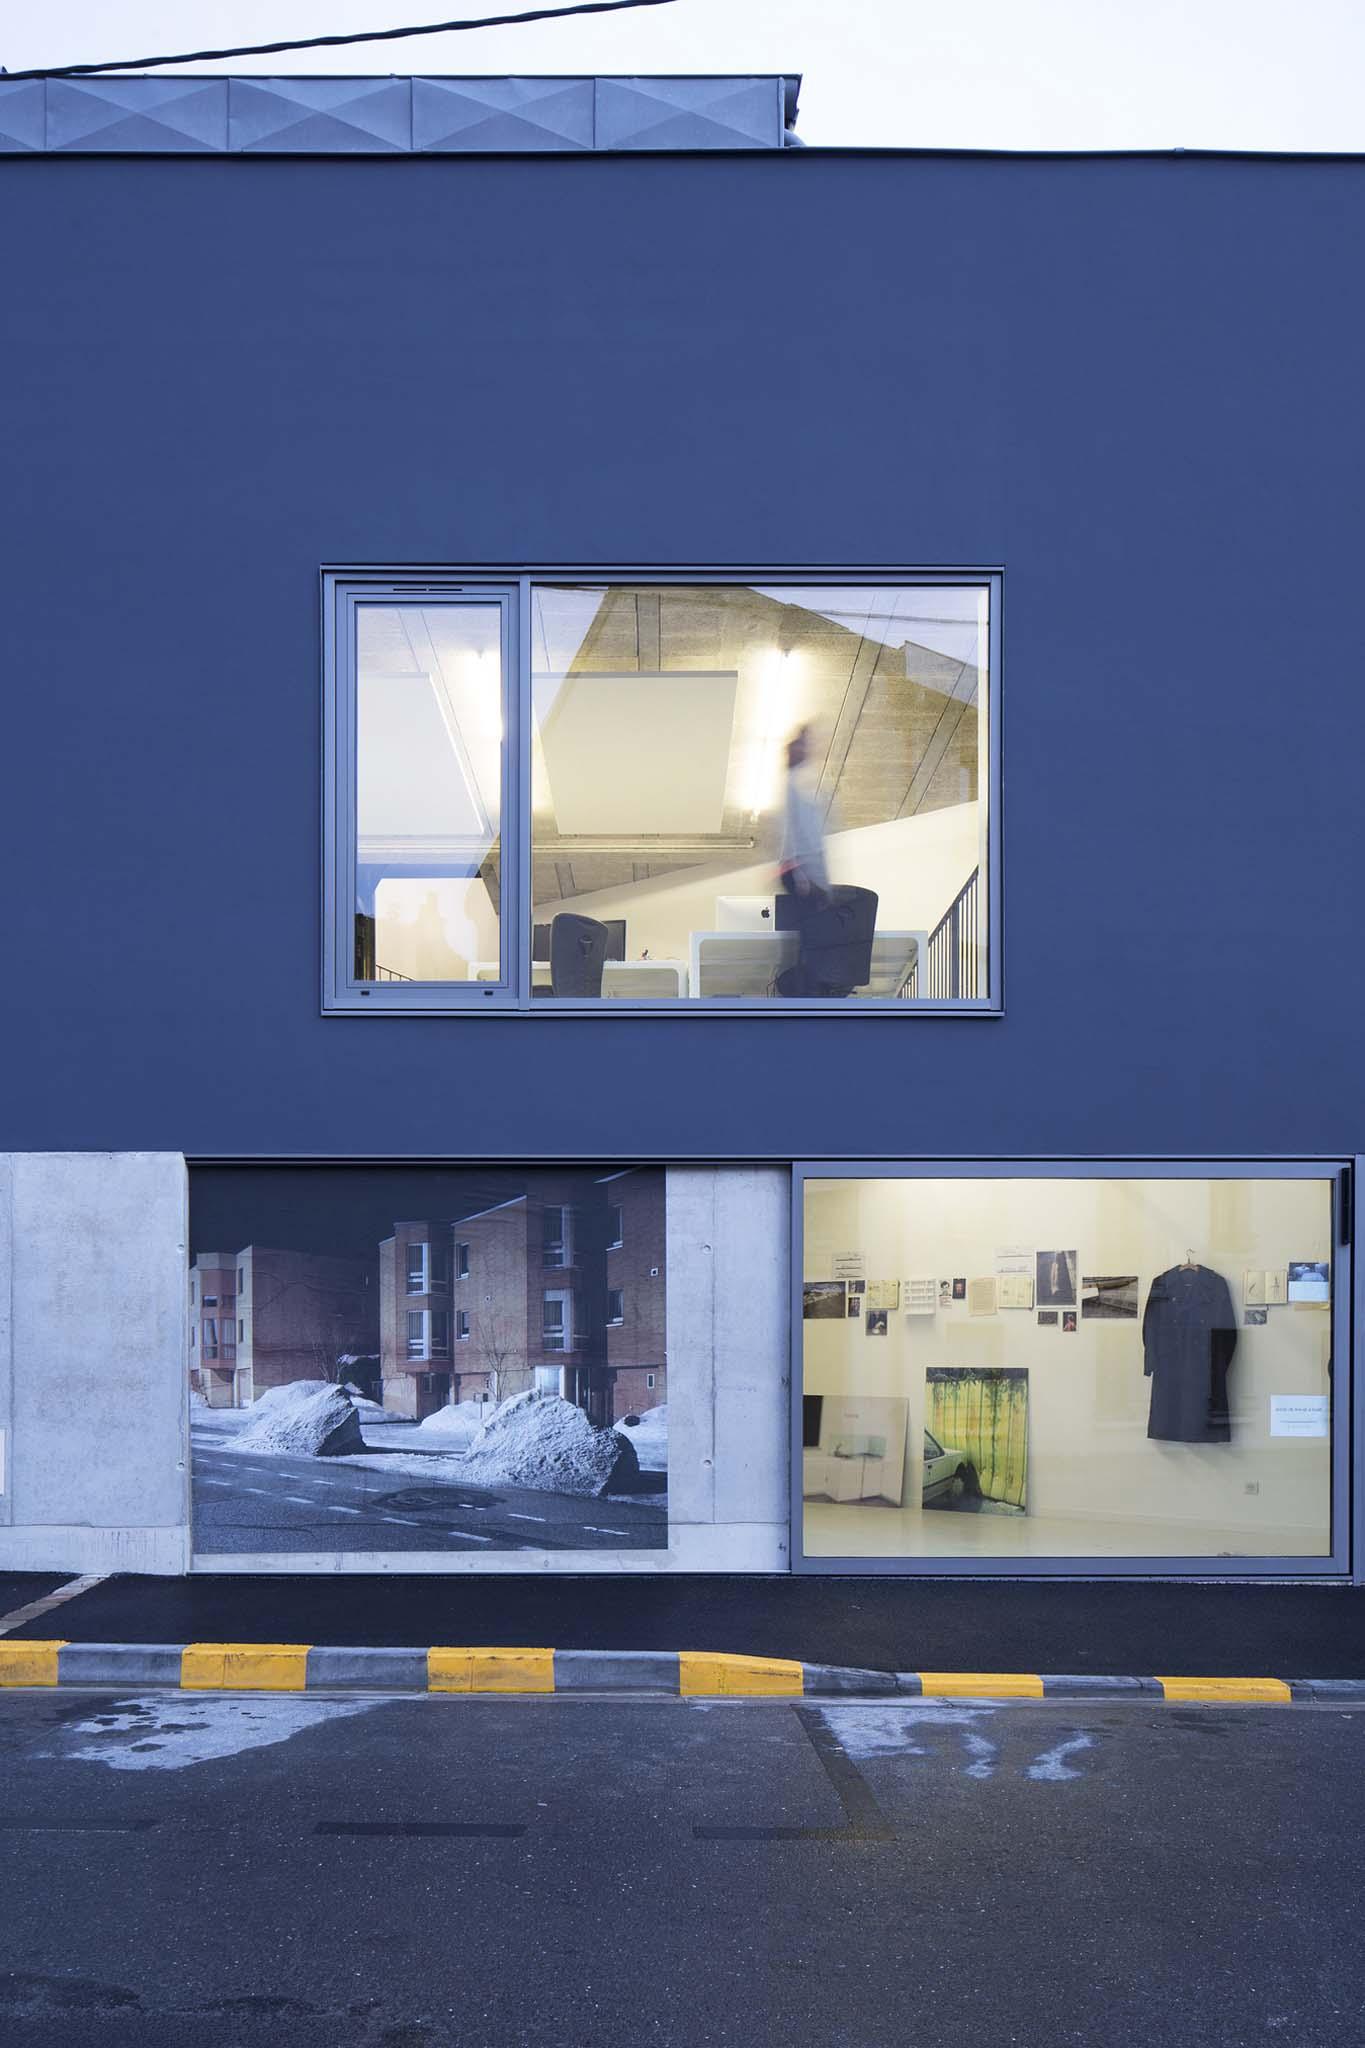 Aurore dudevant maison et agence d architecture nomm es for Ouvrage d architecture